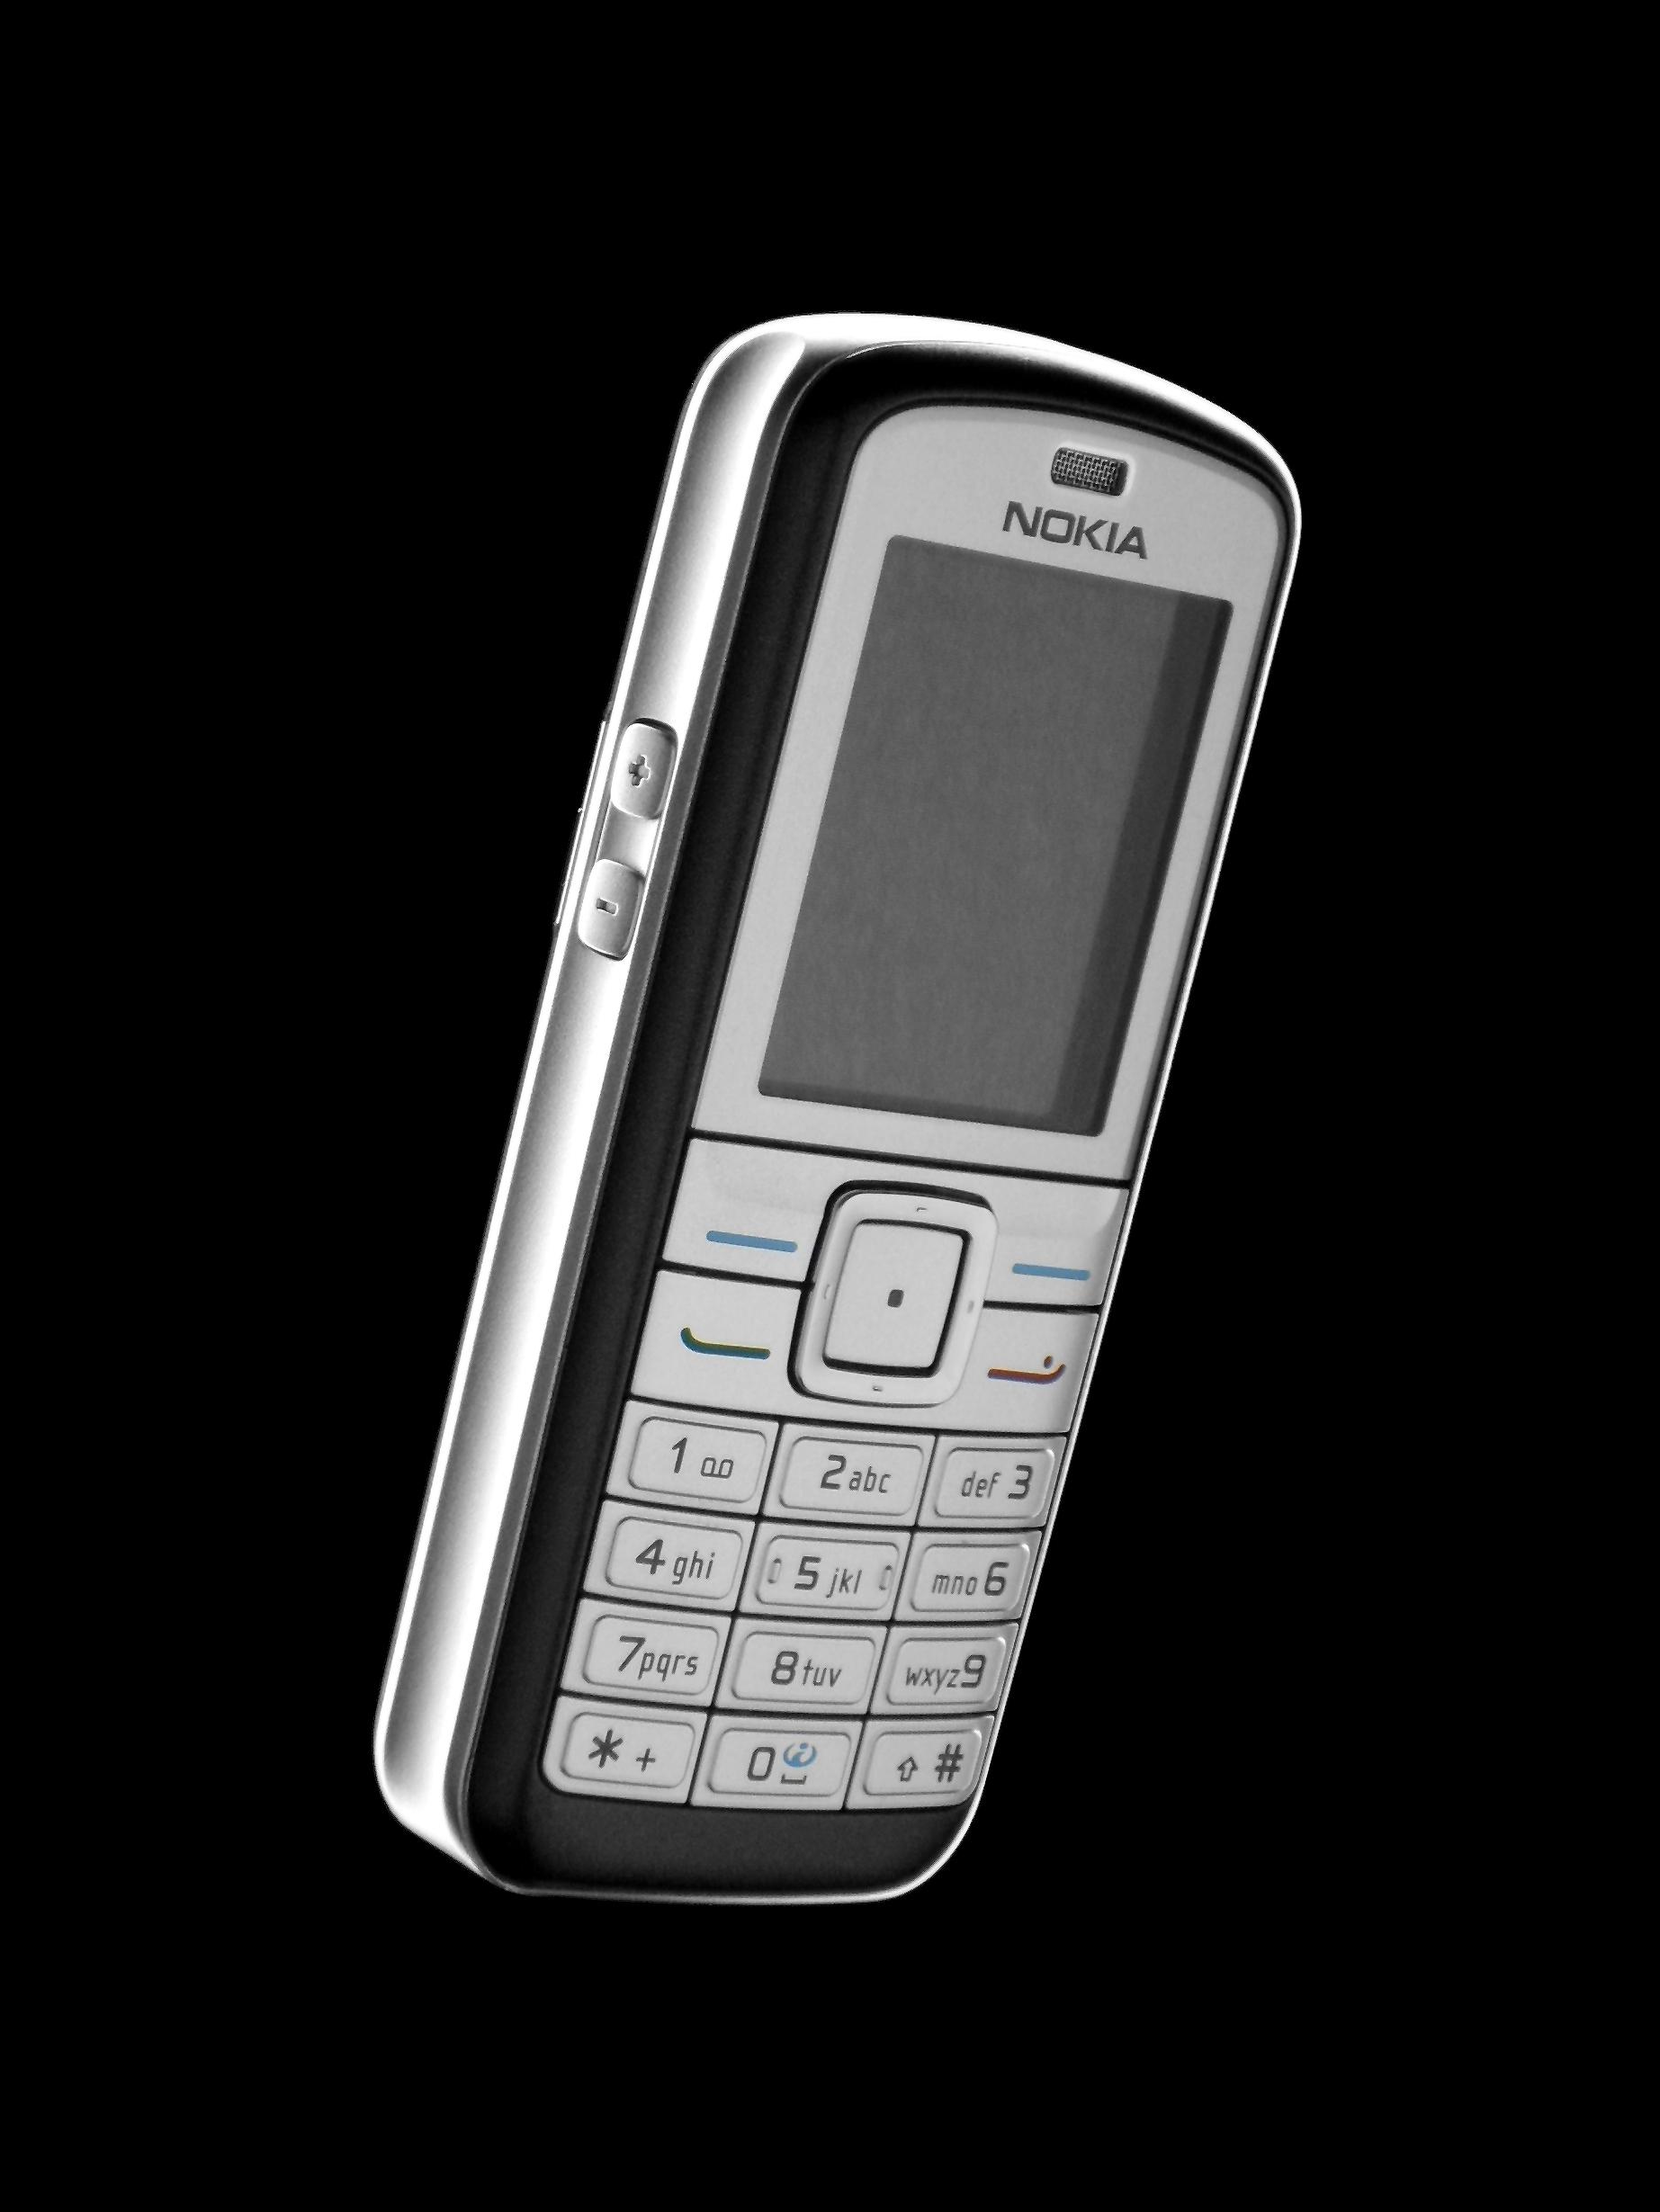 Nokia 6070   Wikipedia  the free encyclopedia